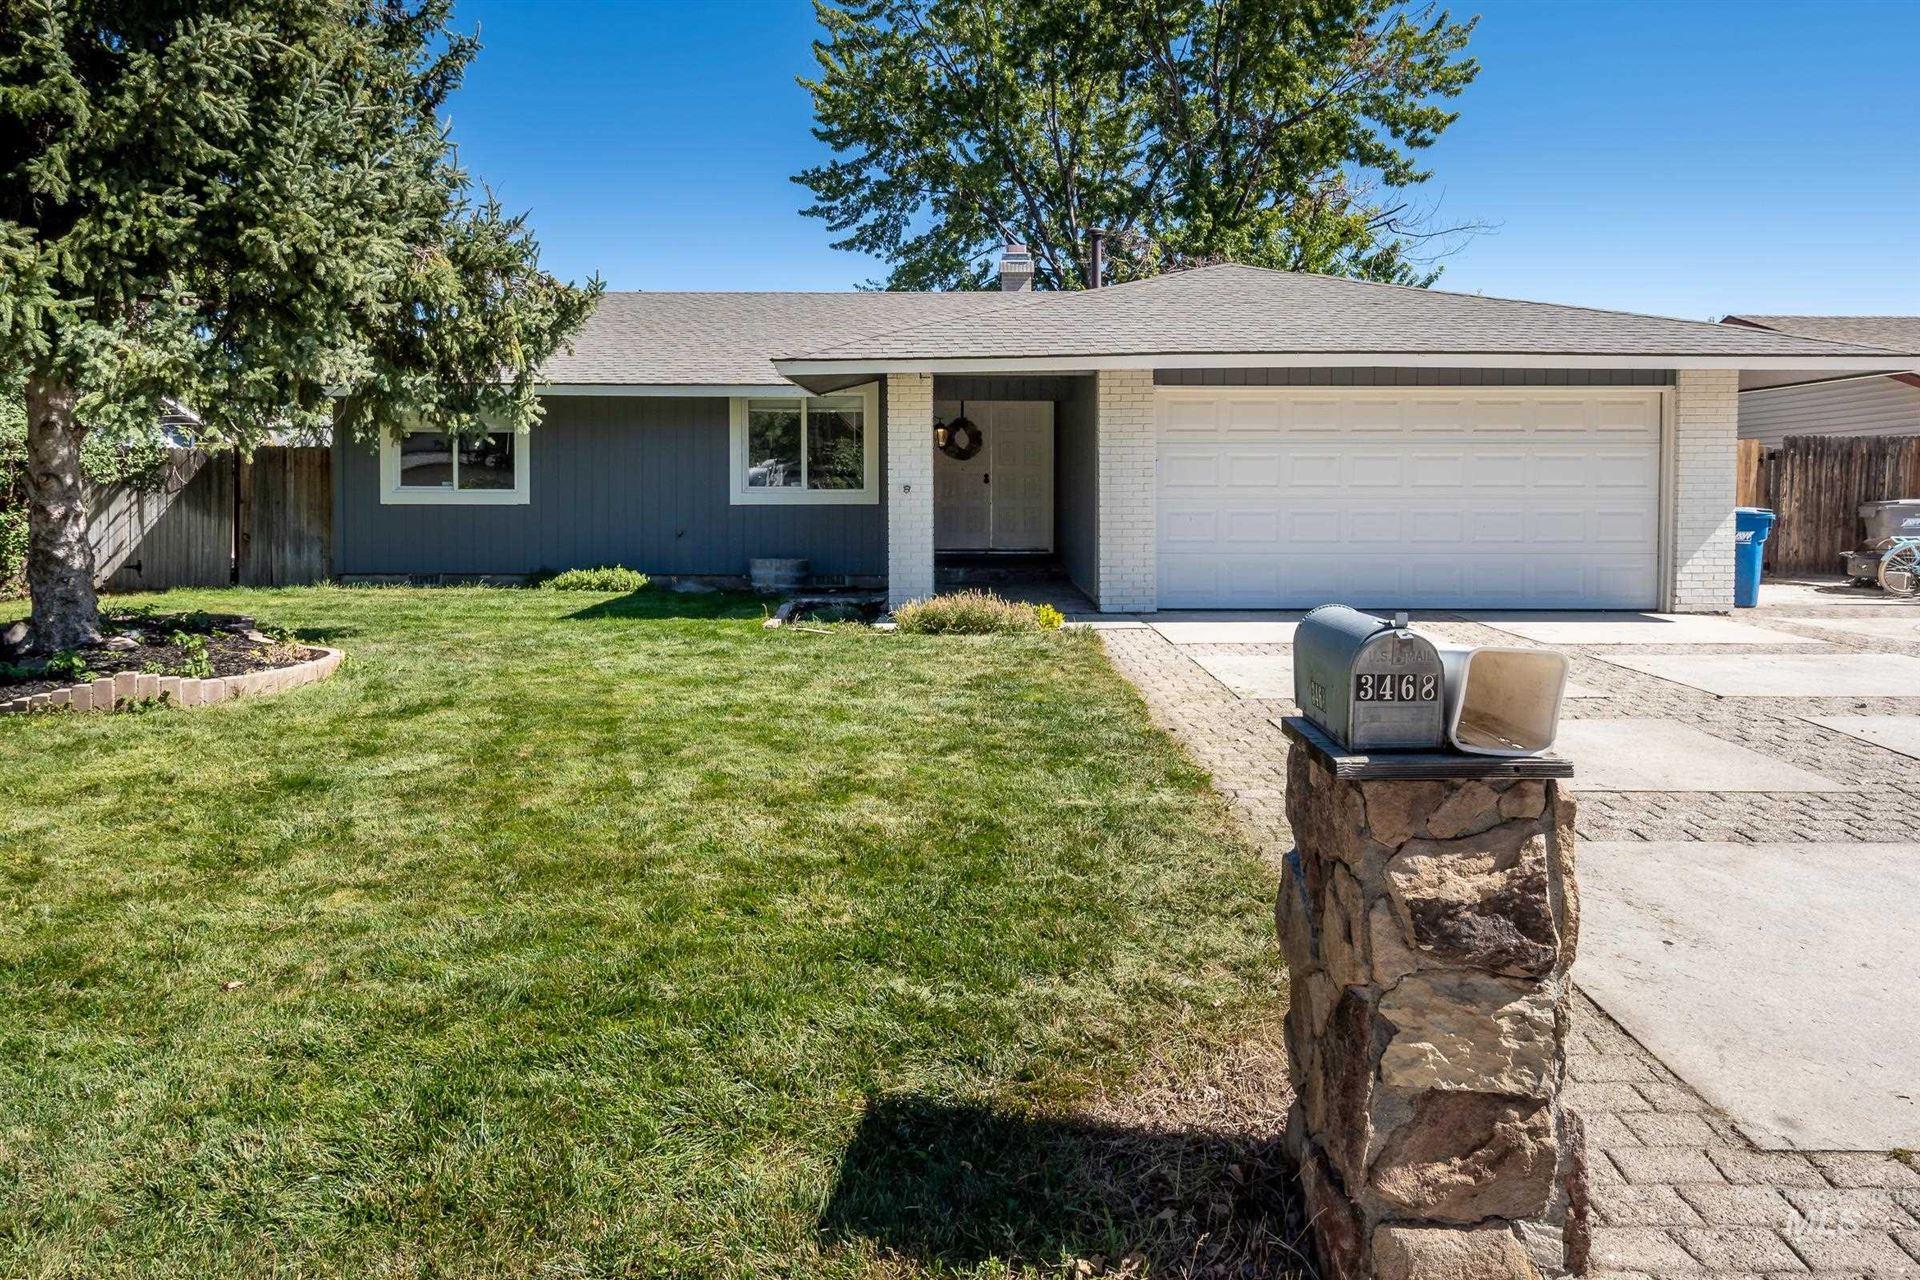 Photo of 3468 N Dove, Boise, ID 83704 (MLS # 98819260)